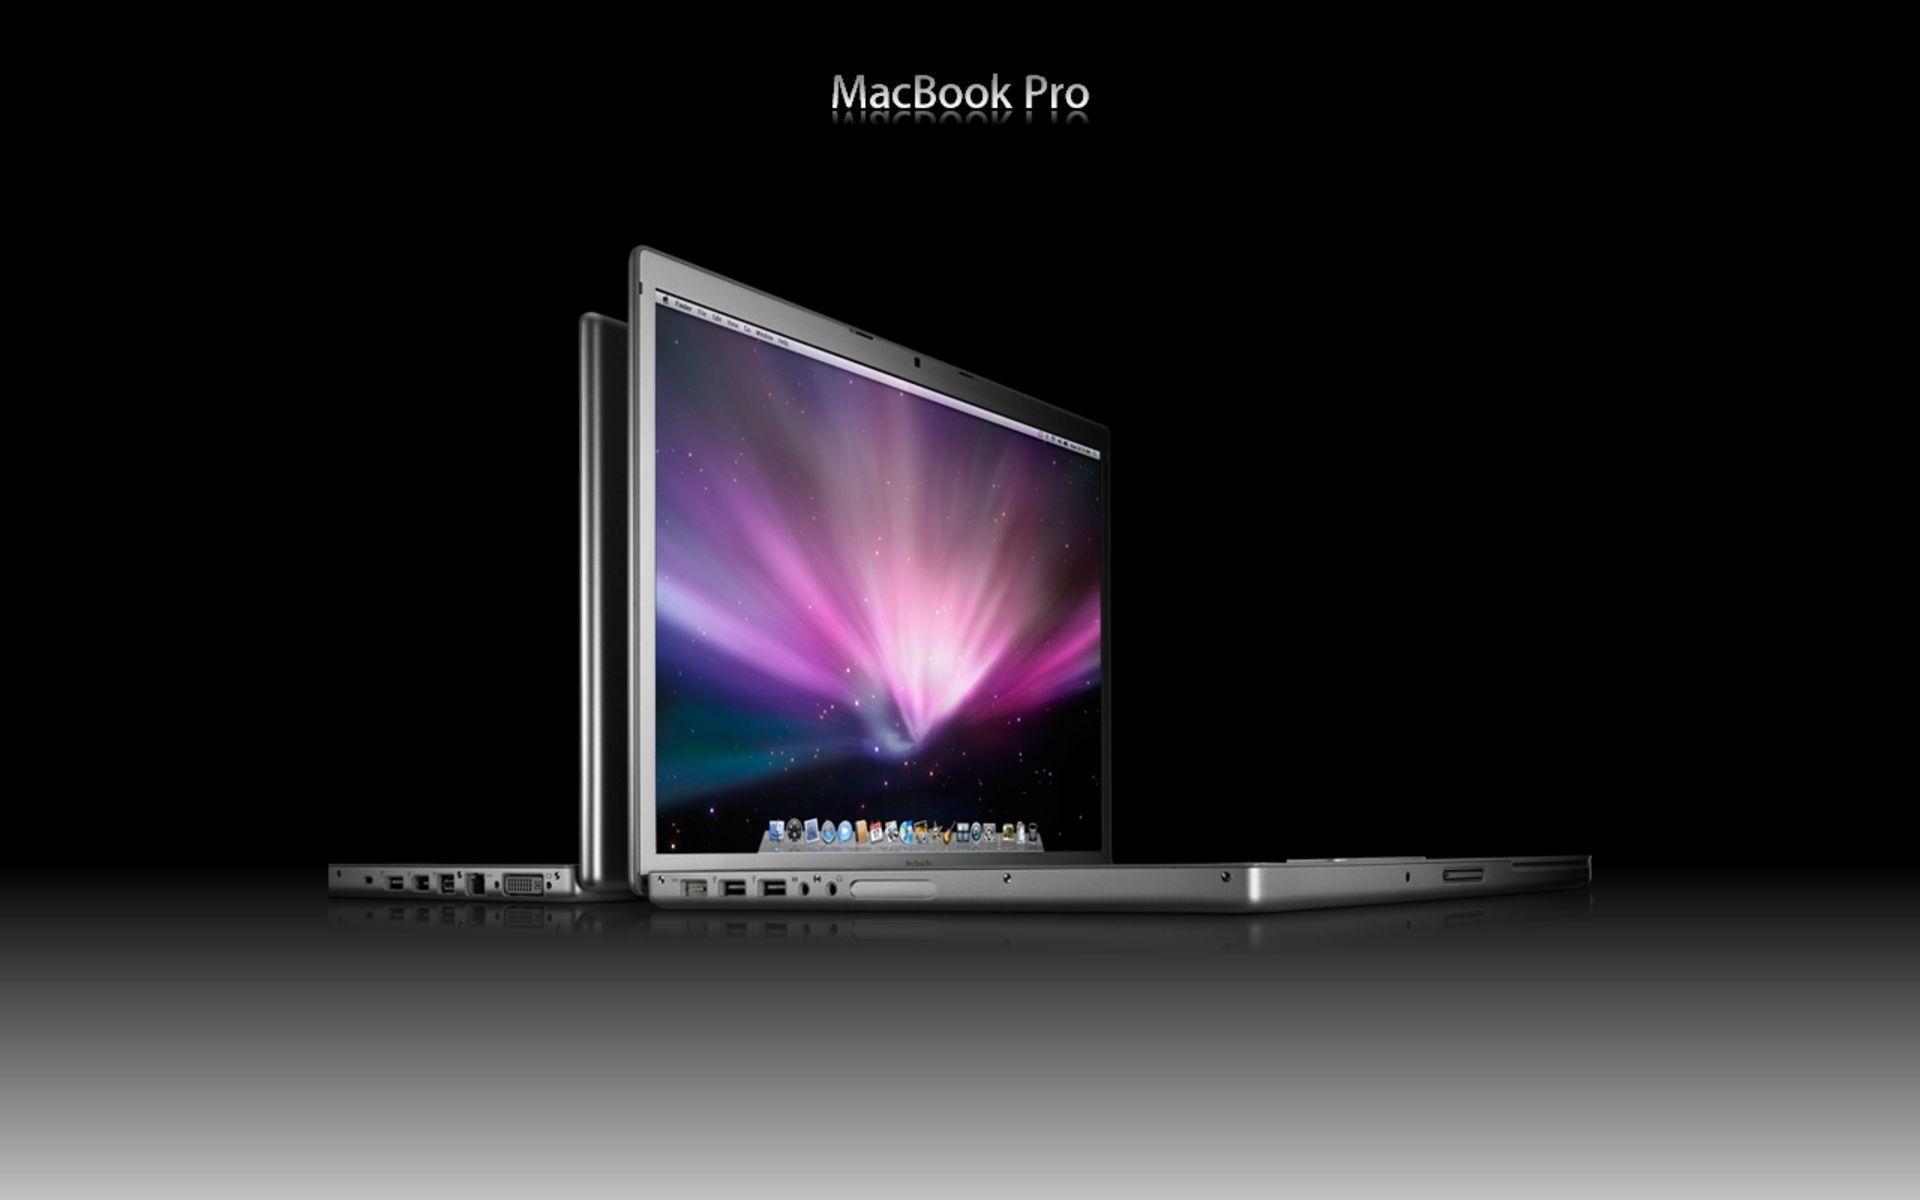 macbook pro wallpapers4 - photo #31